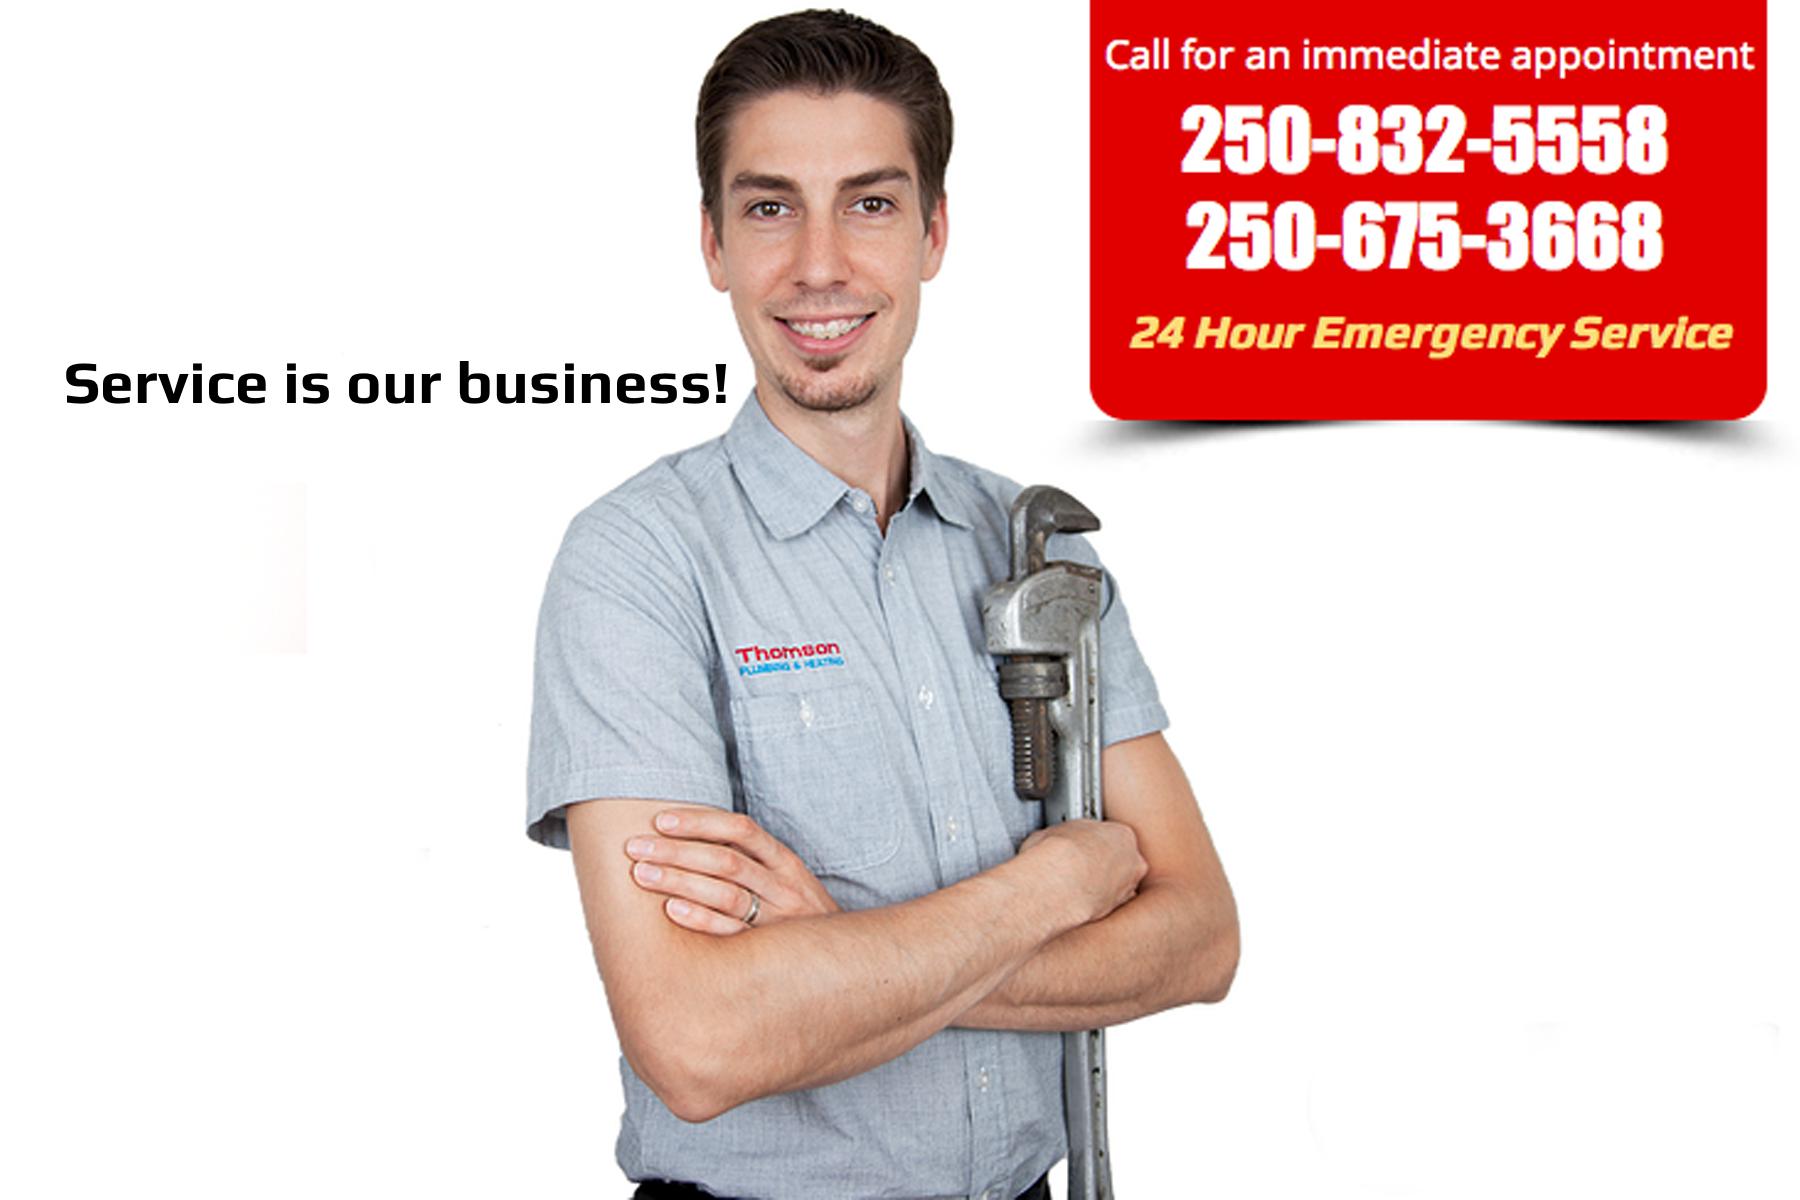 Thomson Plumbing & Heating - Plumbers & Plumbing Contractors - 250-832-5558